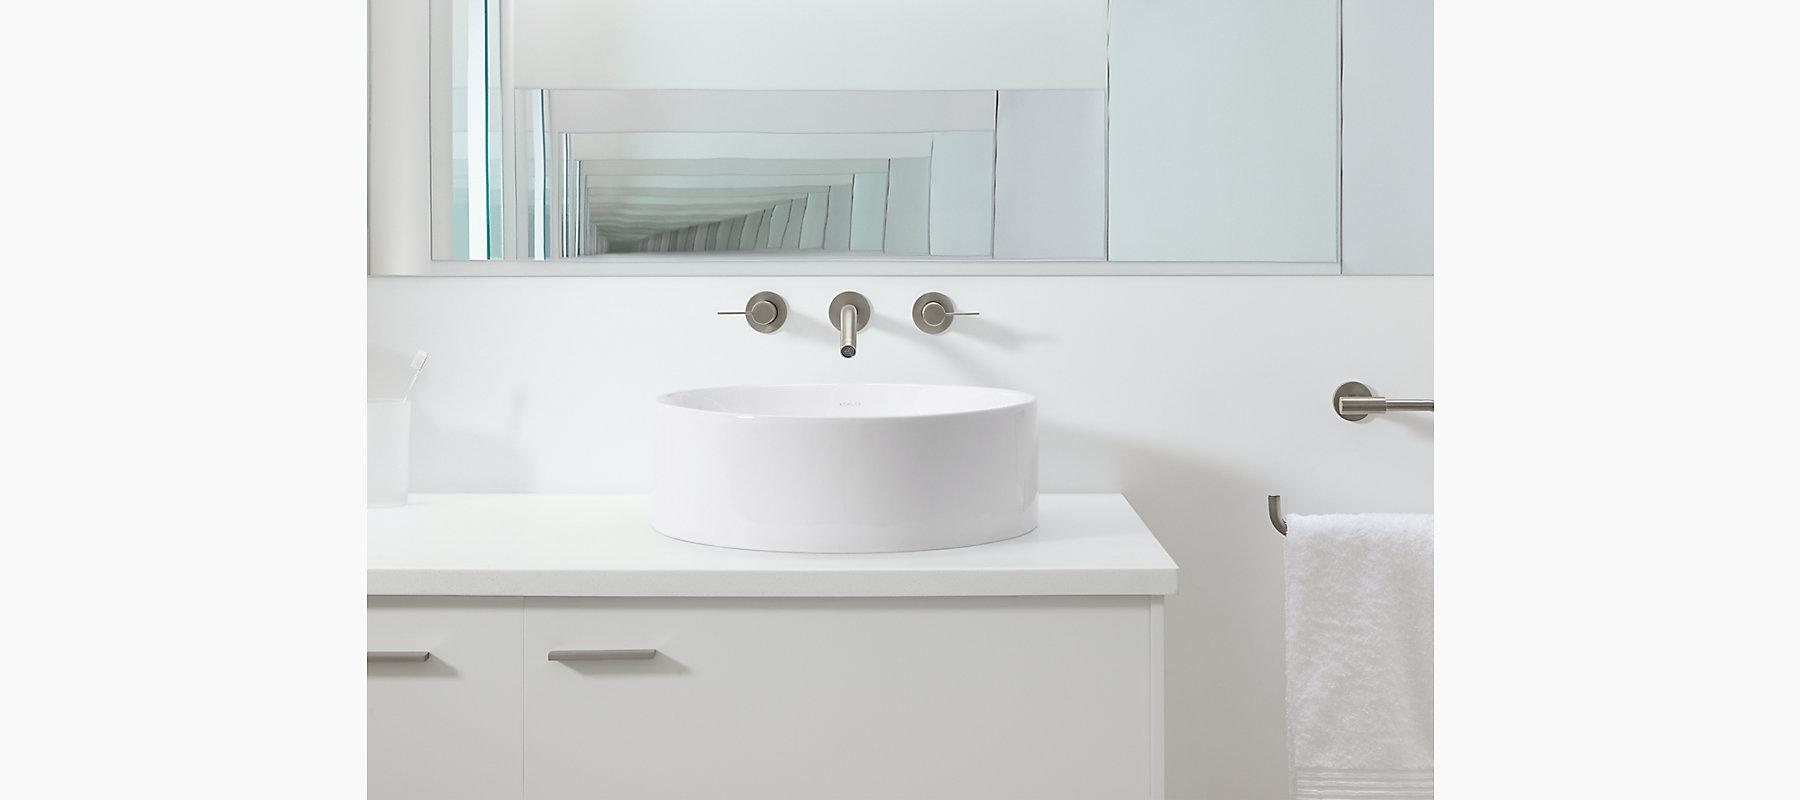 Kohler Vox Sink : 14800 Vox Round Vessel Sink KOHLER